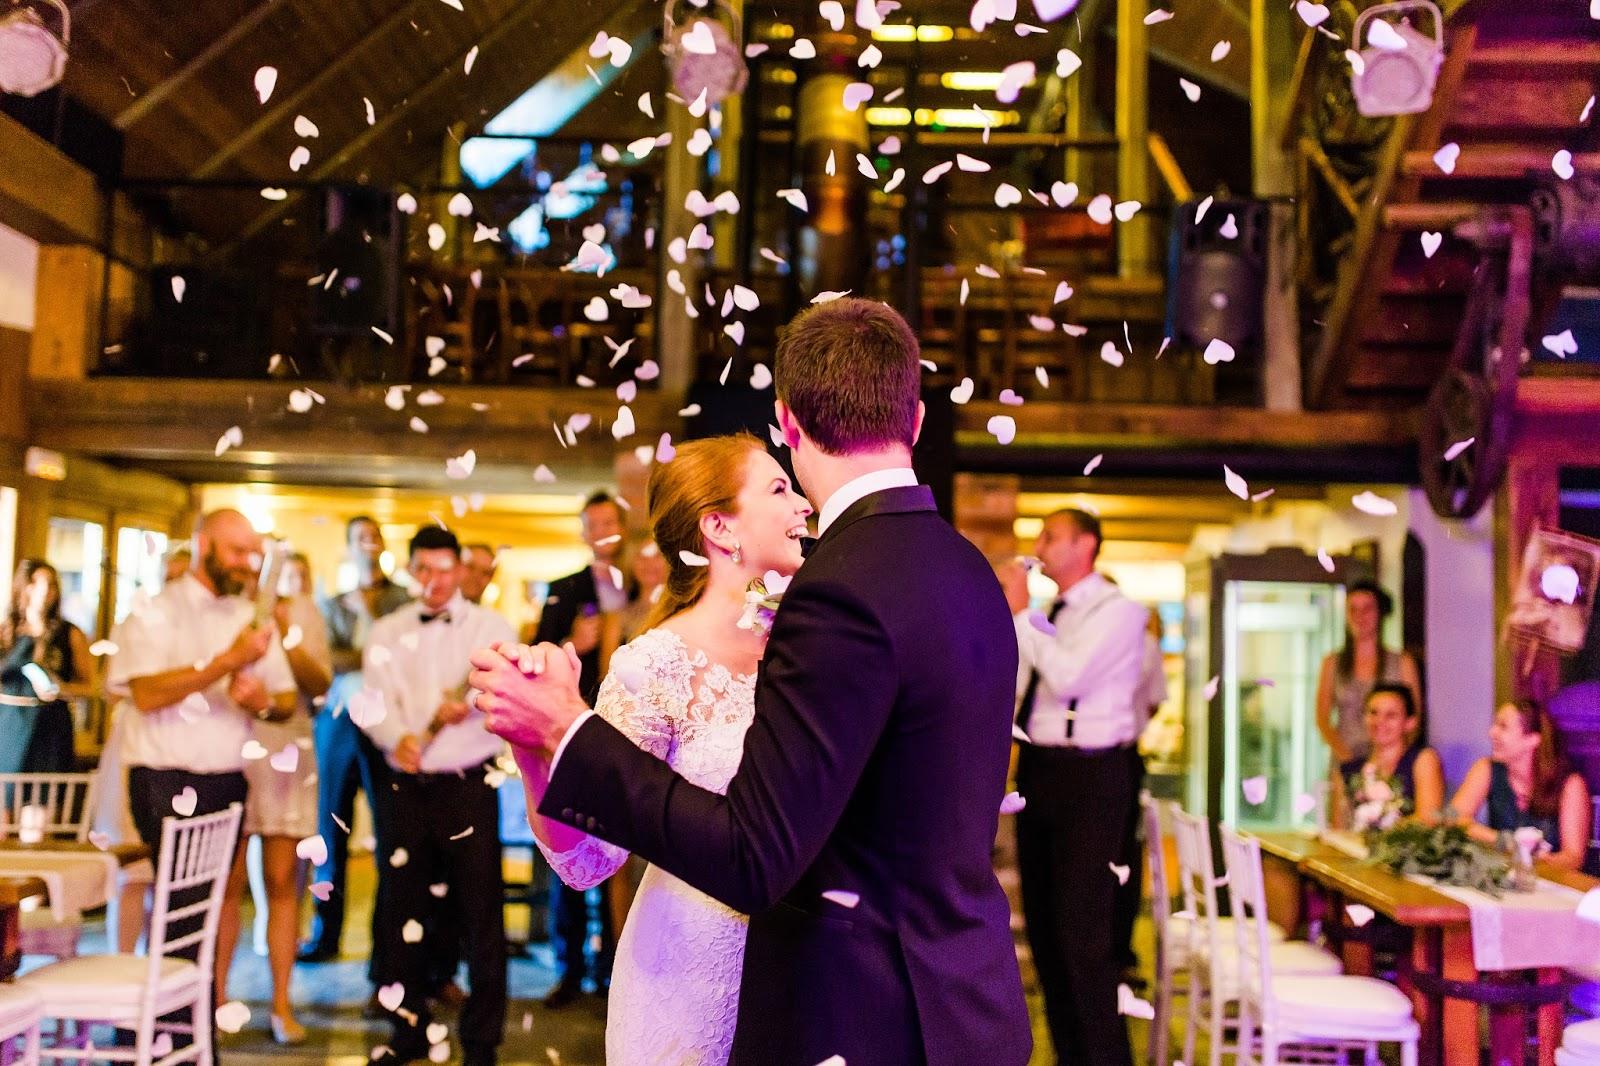 První novomanželský tanec a tipy na skladby - Svatební agentura ... 73d24004ce